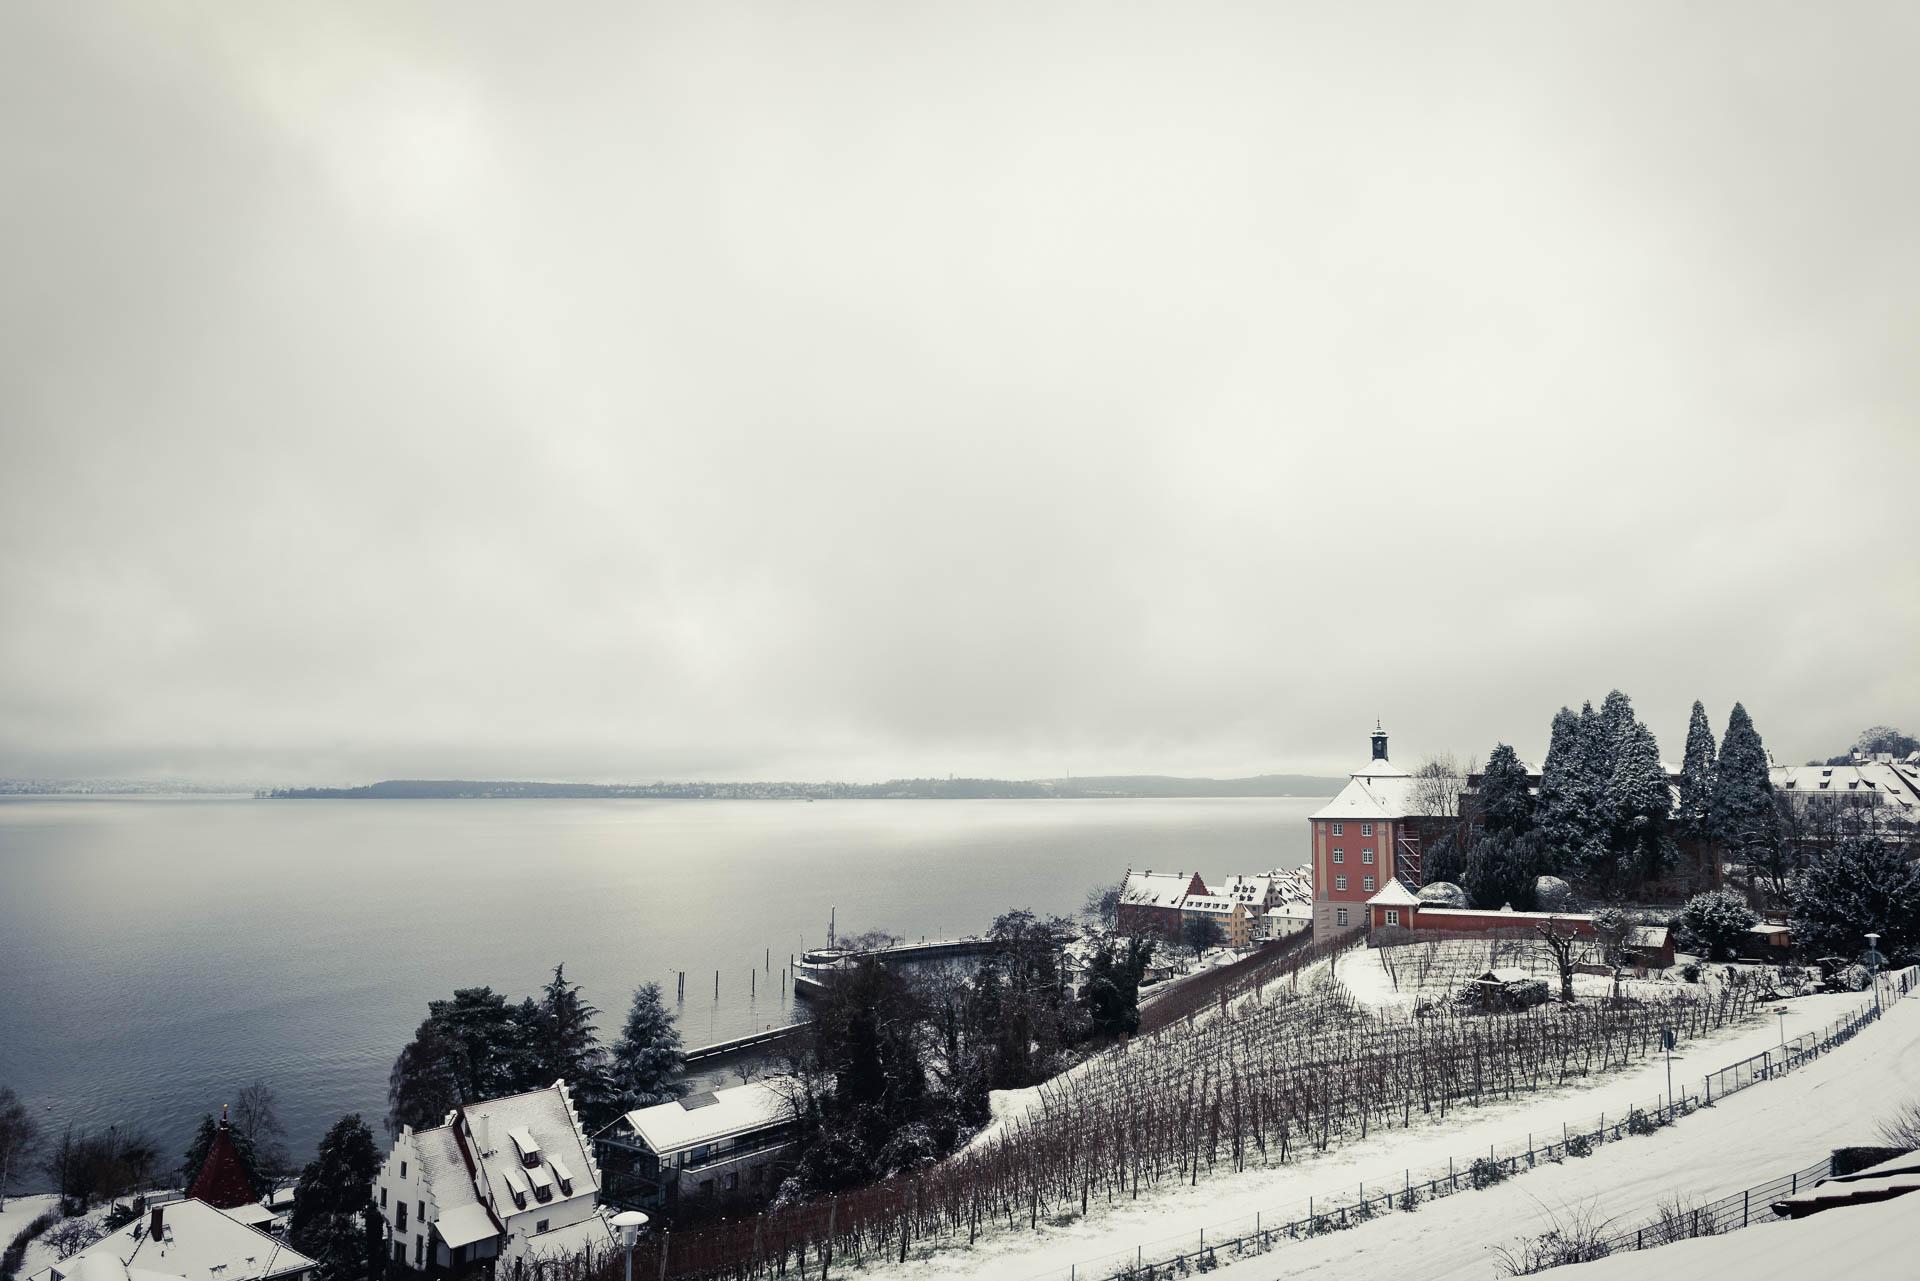 Blick auf Meersburg am Bodensse an einem klaren, kalten Wintertag im Dezember.